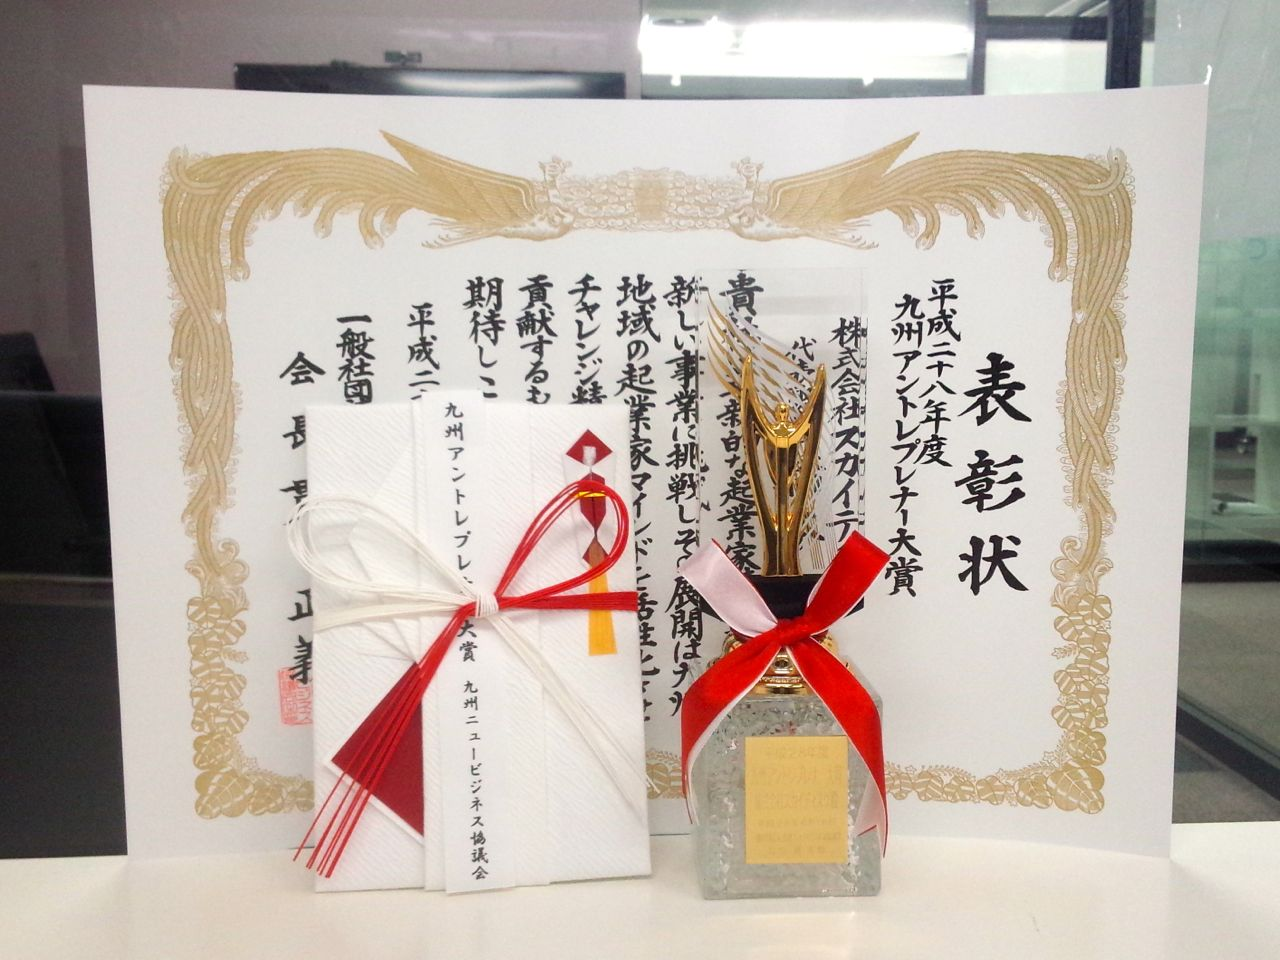 「九州アントレプレナー大賞」受賞の際の景品と賞状